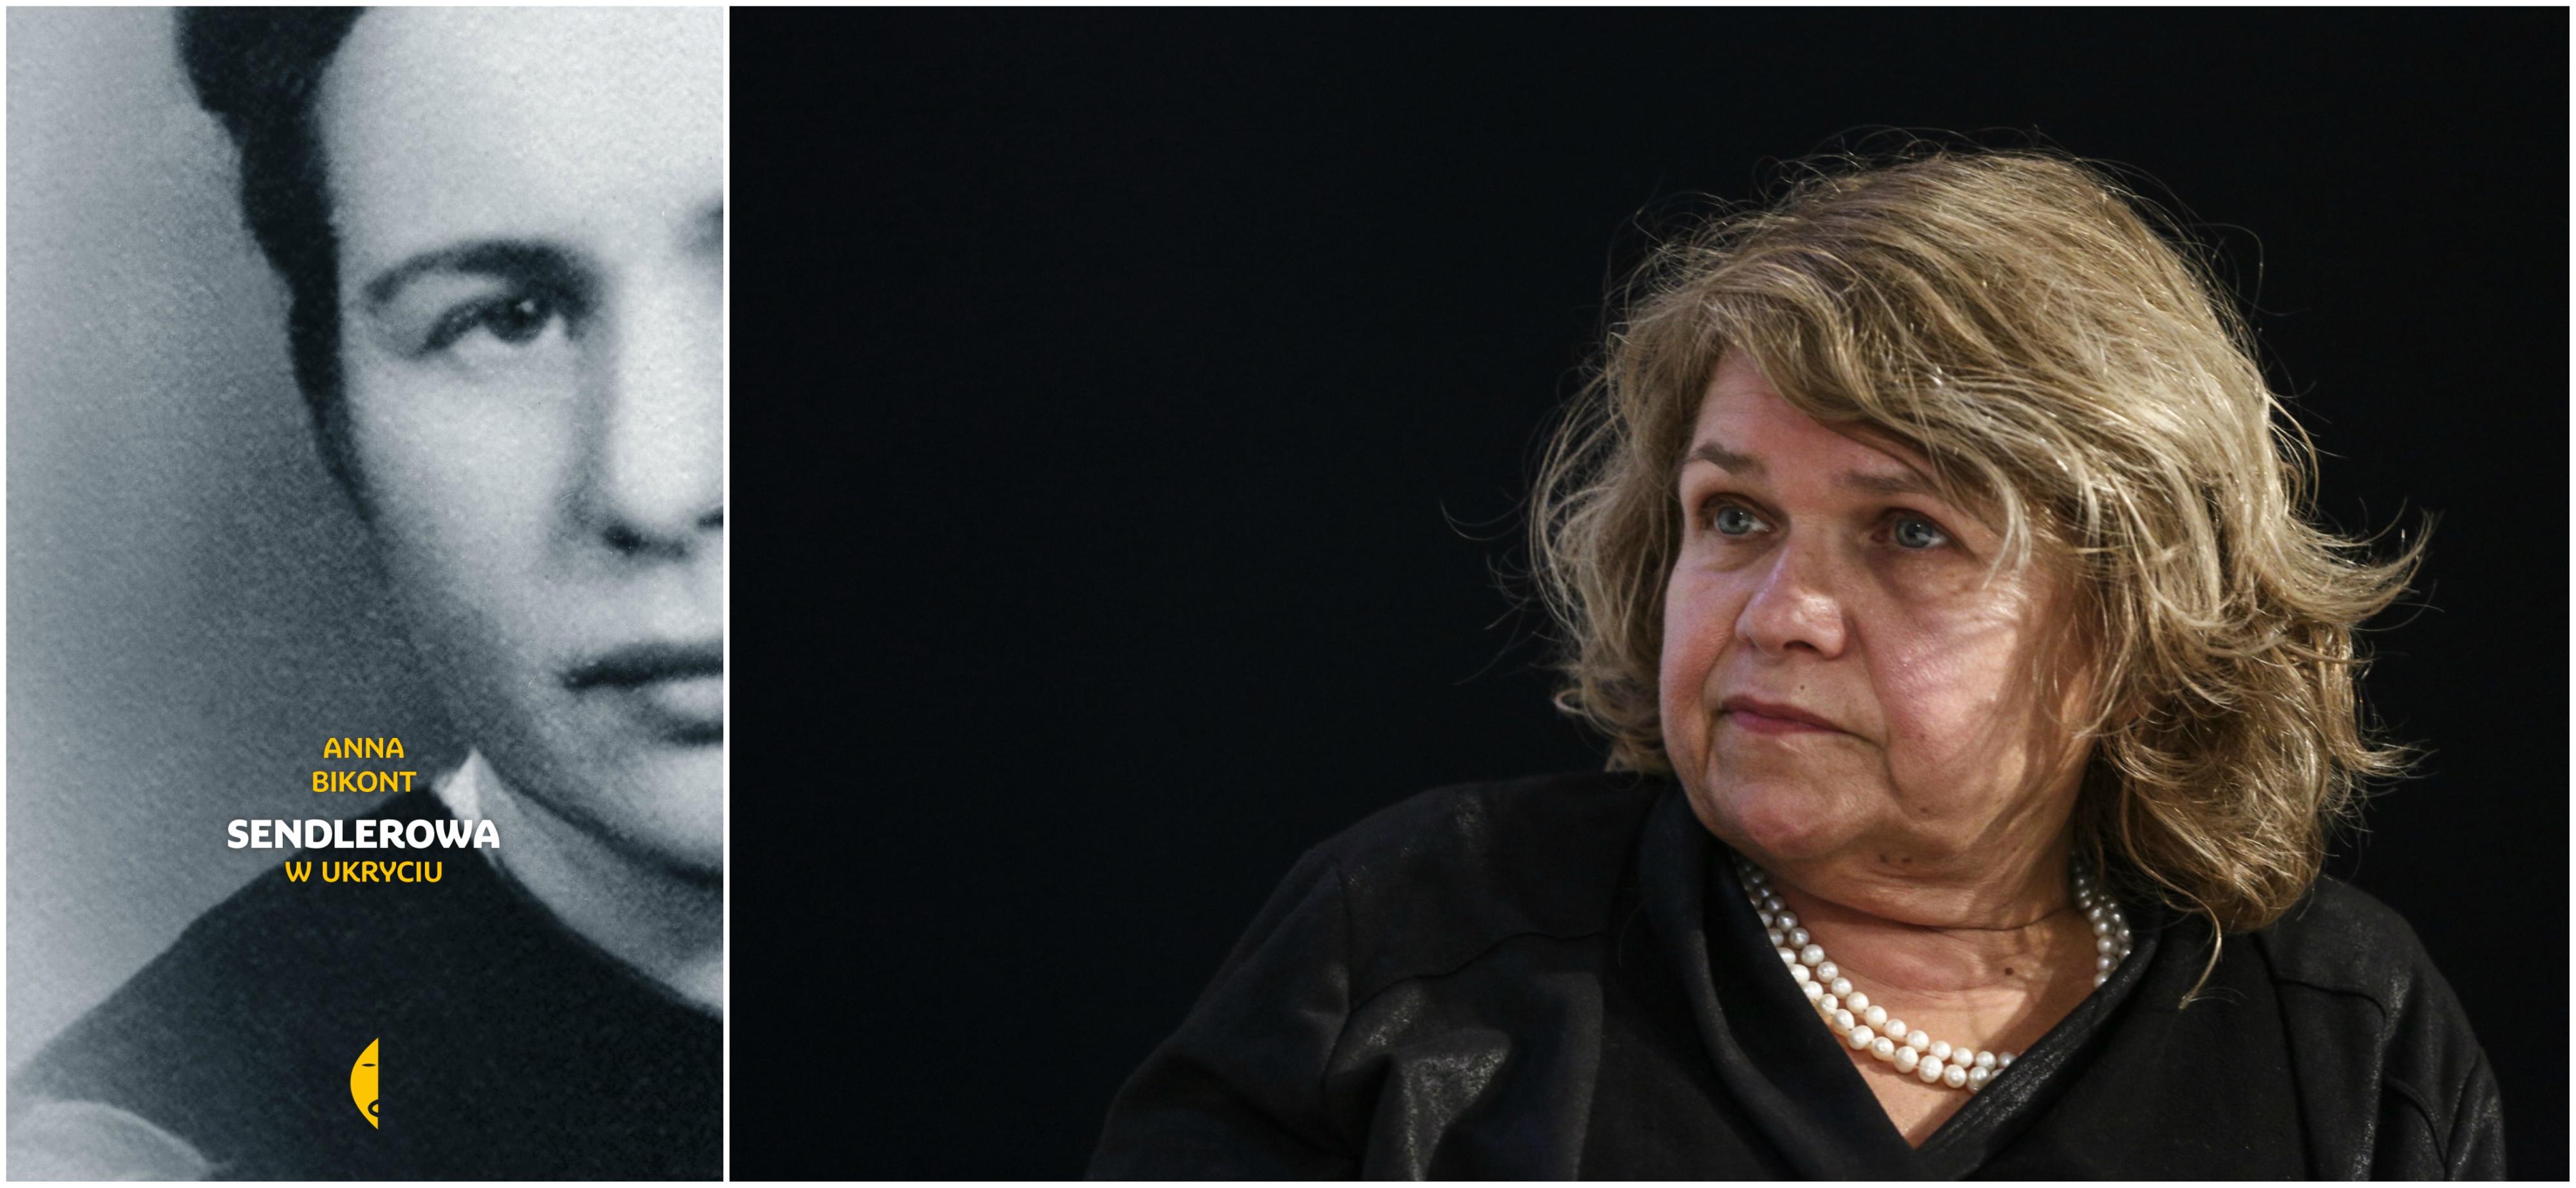 Książka Anny Bikont 'Sendlerowa. W ukryciu' ukazała się nakładem Wydawnictwa Czarne (fot. materiały prasowe / Adam Stępień / Agencja Gazeta)